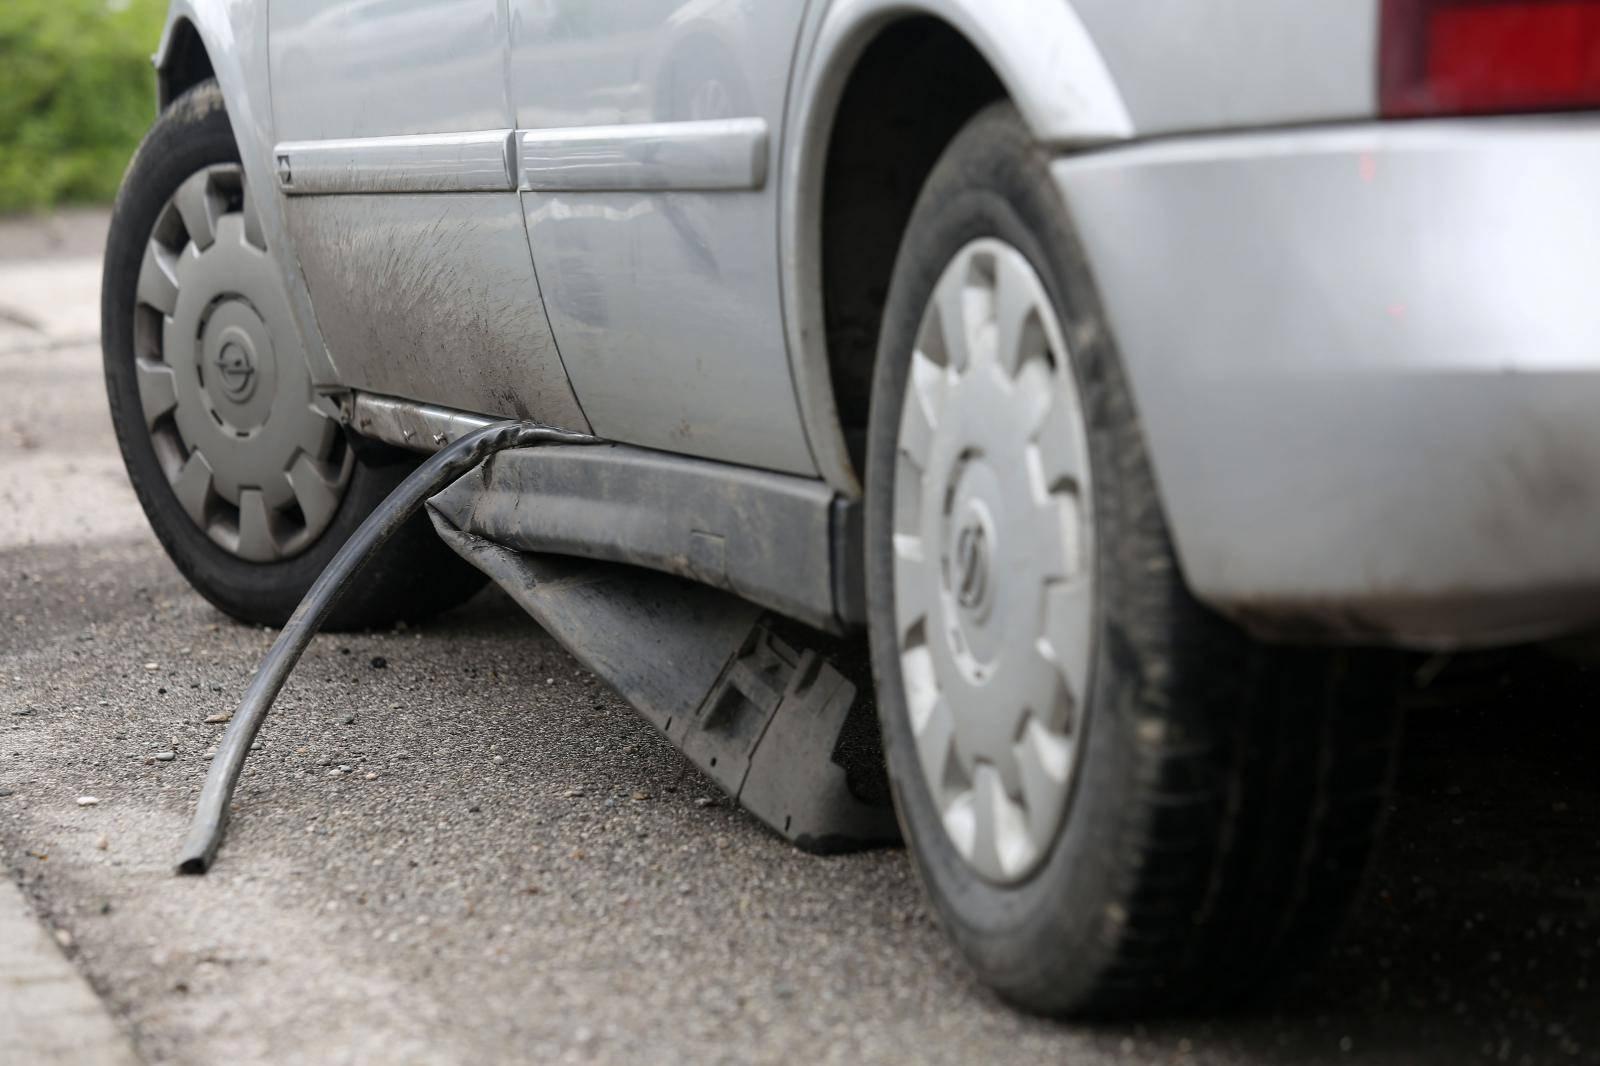 Policija zaustavila automobil u kojem je muškarac bježao policiji od Draganića do Zagreba